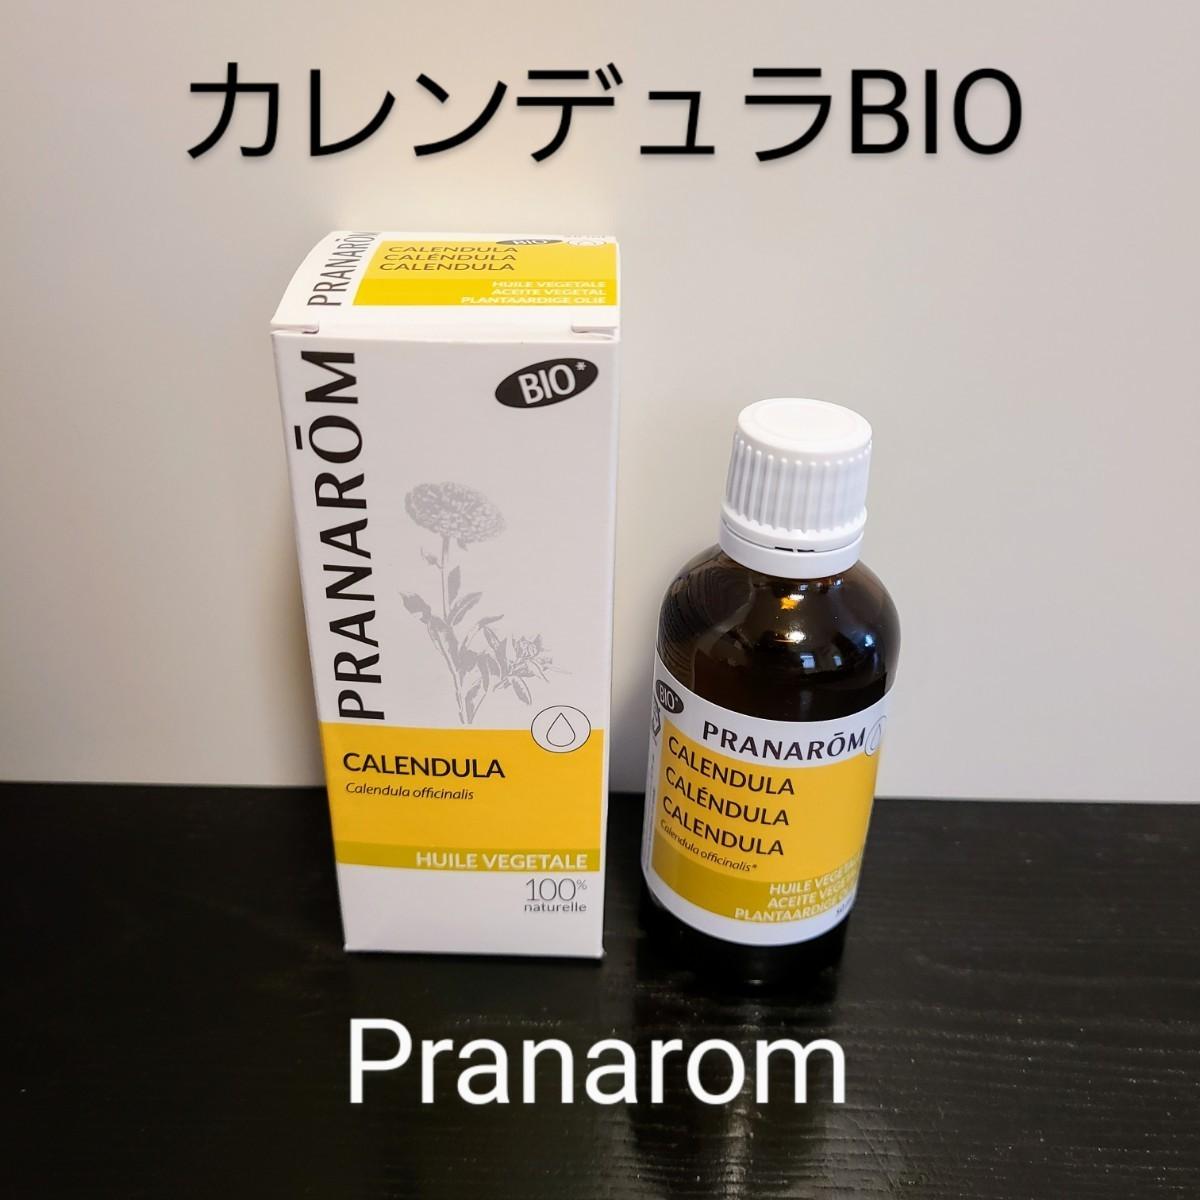 プラナロム カレンデュラBIO オイル 50ml 新品